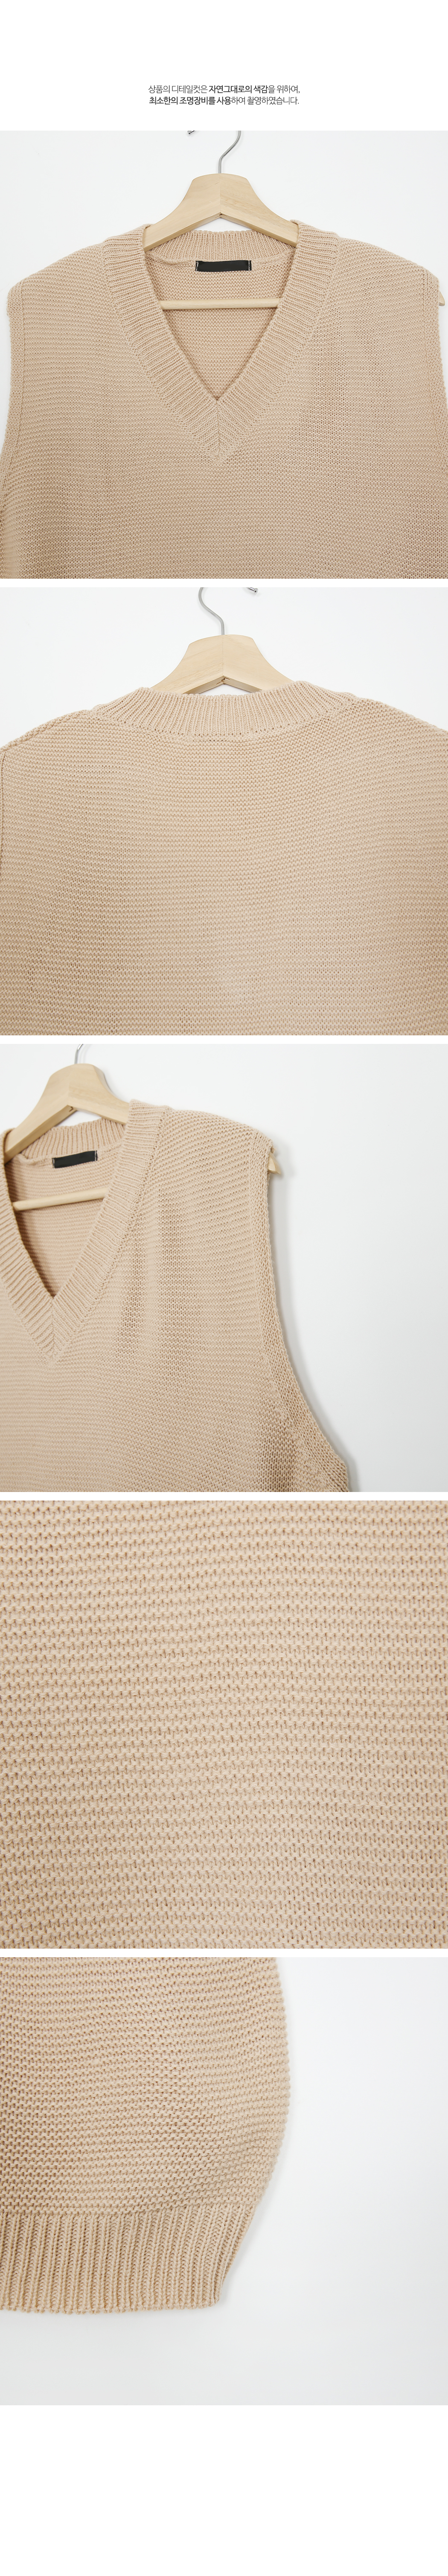 Cozy V-neck knit vest